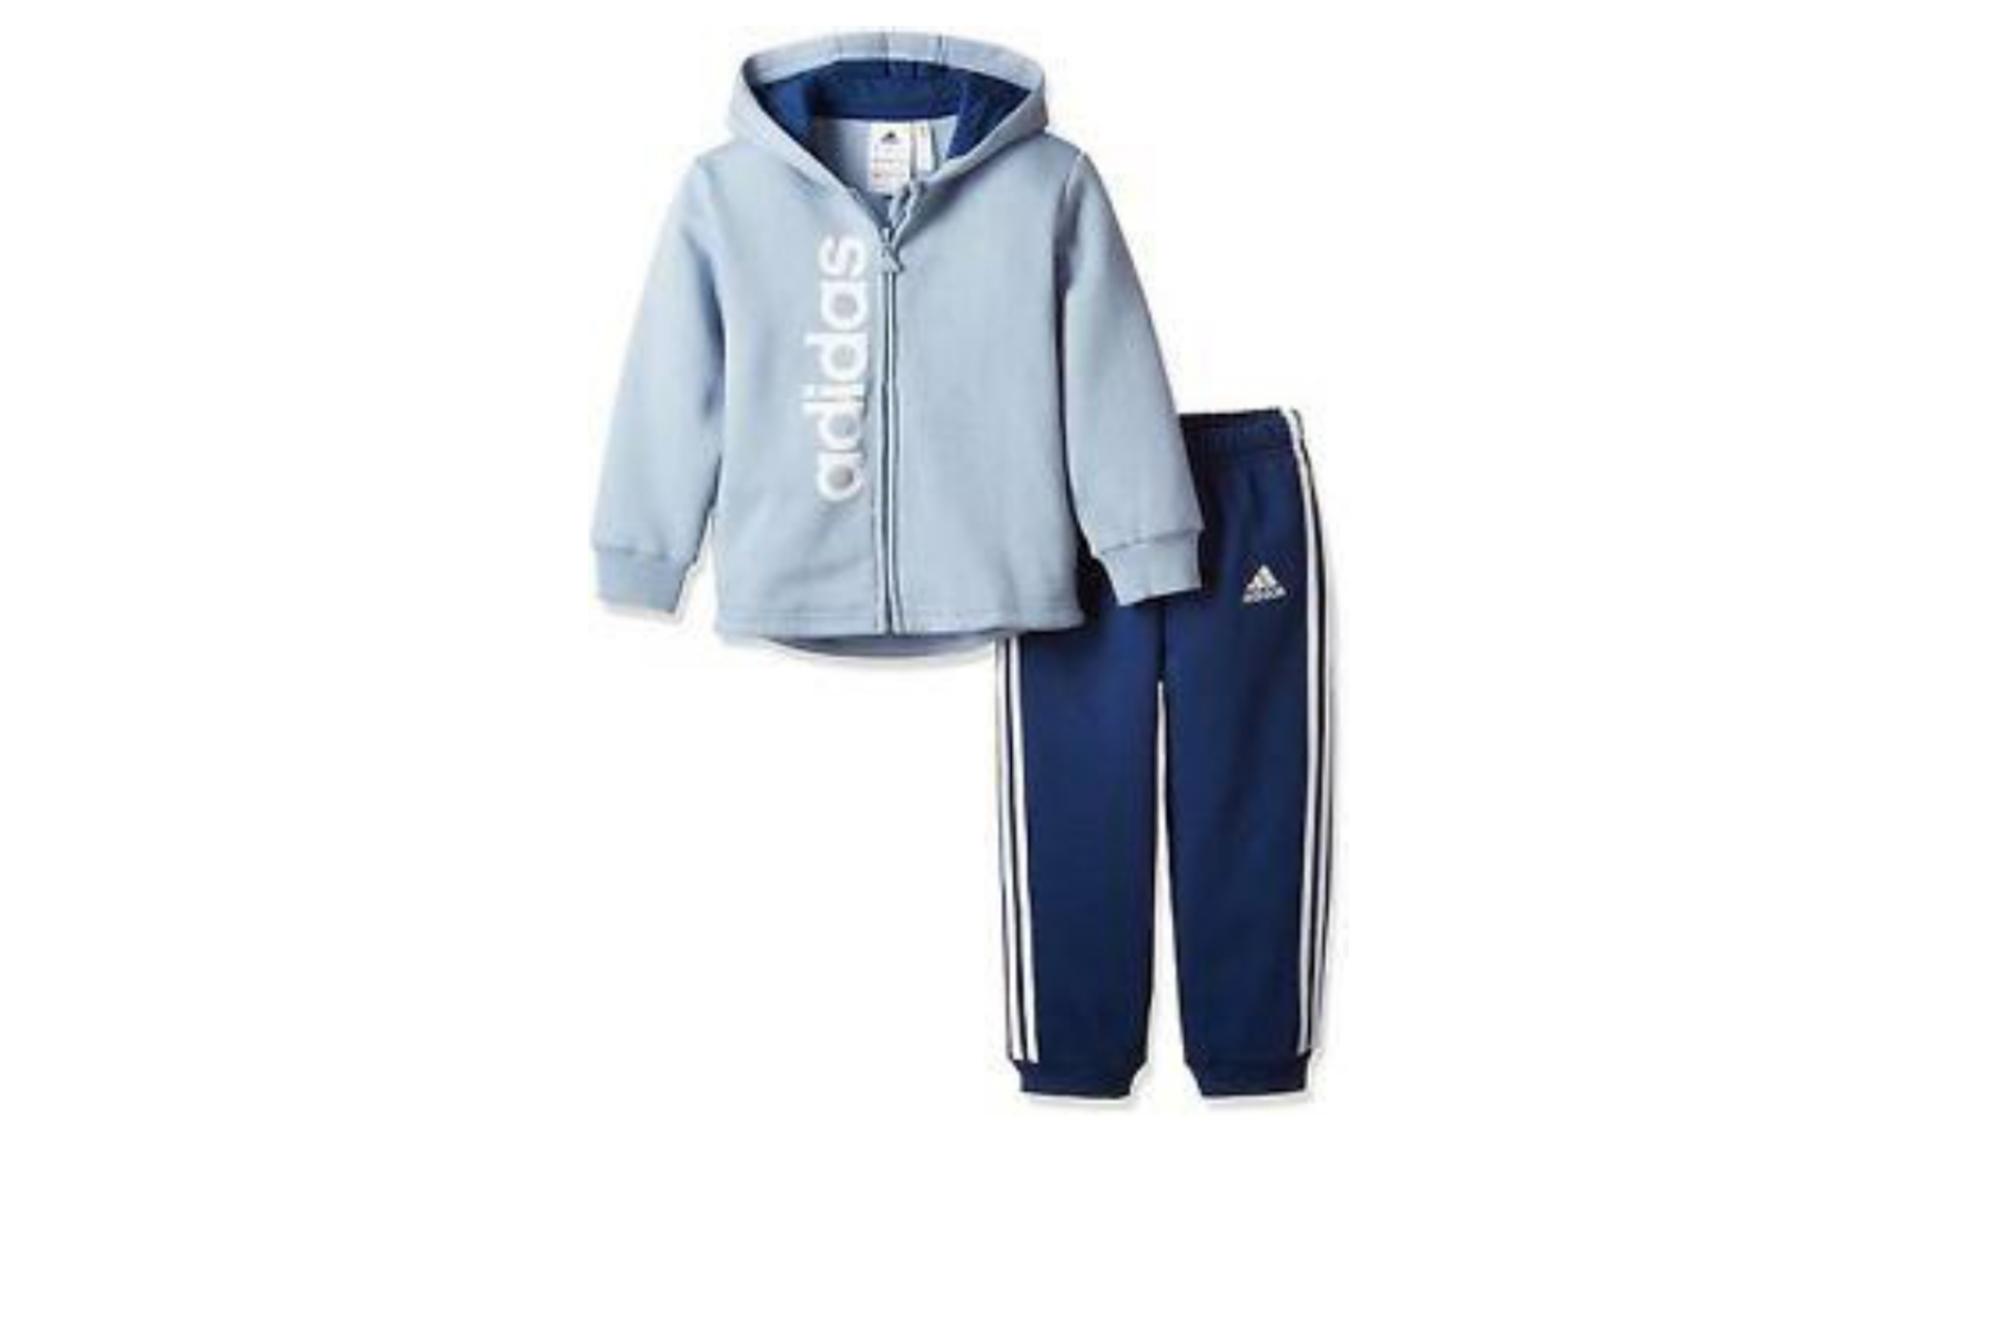 bd0f819d70c427 Tuta Adidas BABY Azzurro